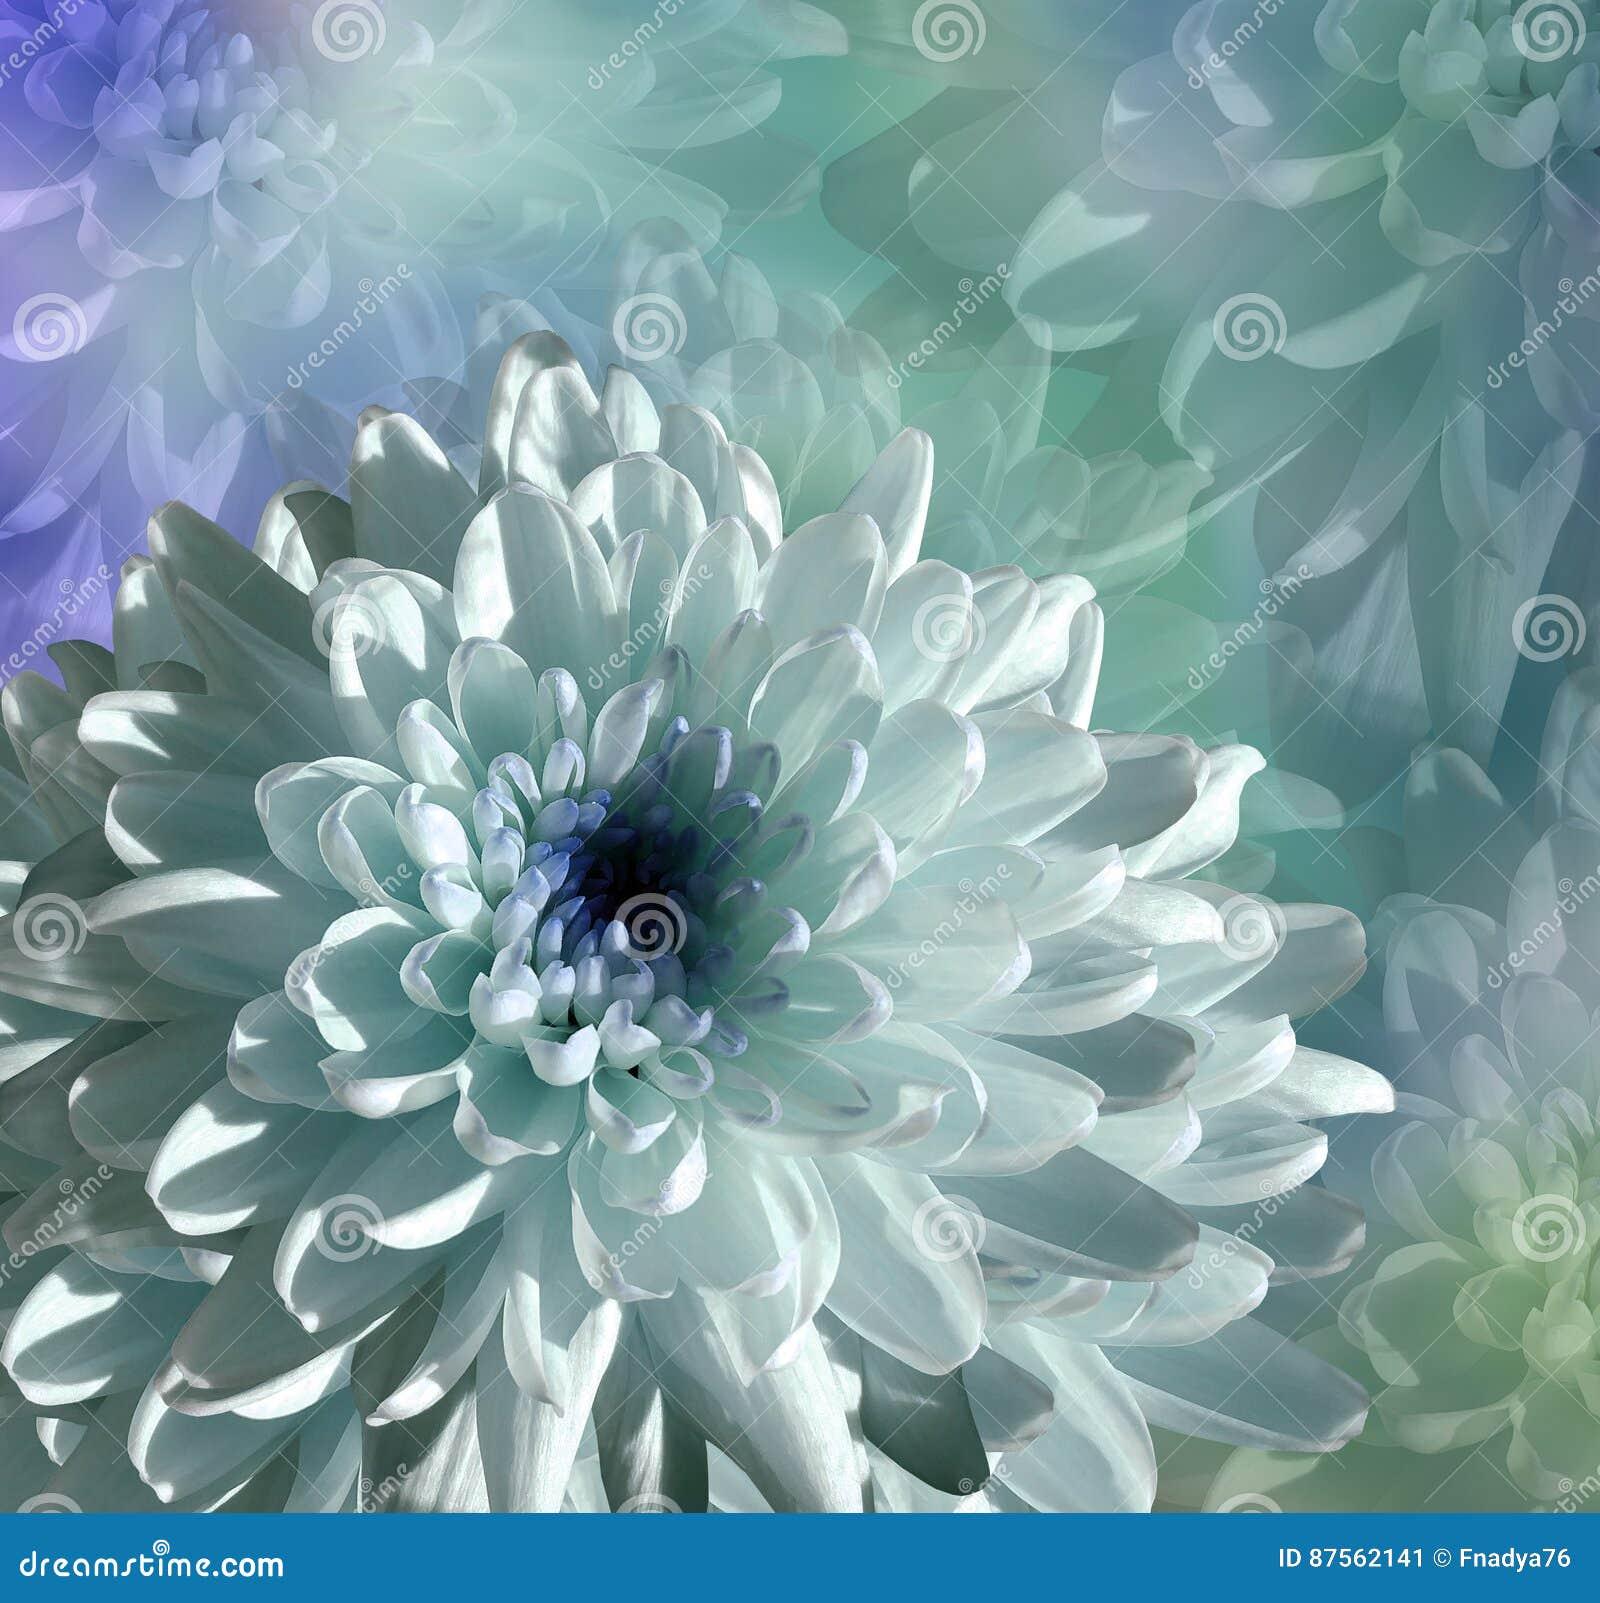 Λουλούδι στο μπλε-τυρκουάζ υπόβαθρο άσπρος-μπλε χρυσάνθεμο λουλουδιών floral κολάζ convolvulus σύνθεσης ανασκόπησης λευκό τουλιπώ